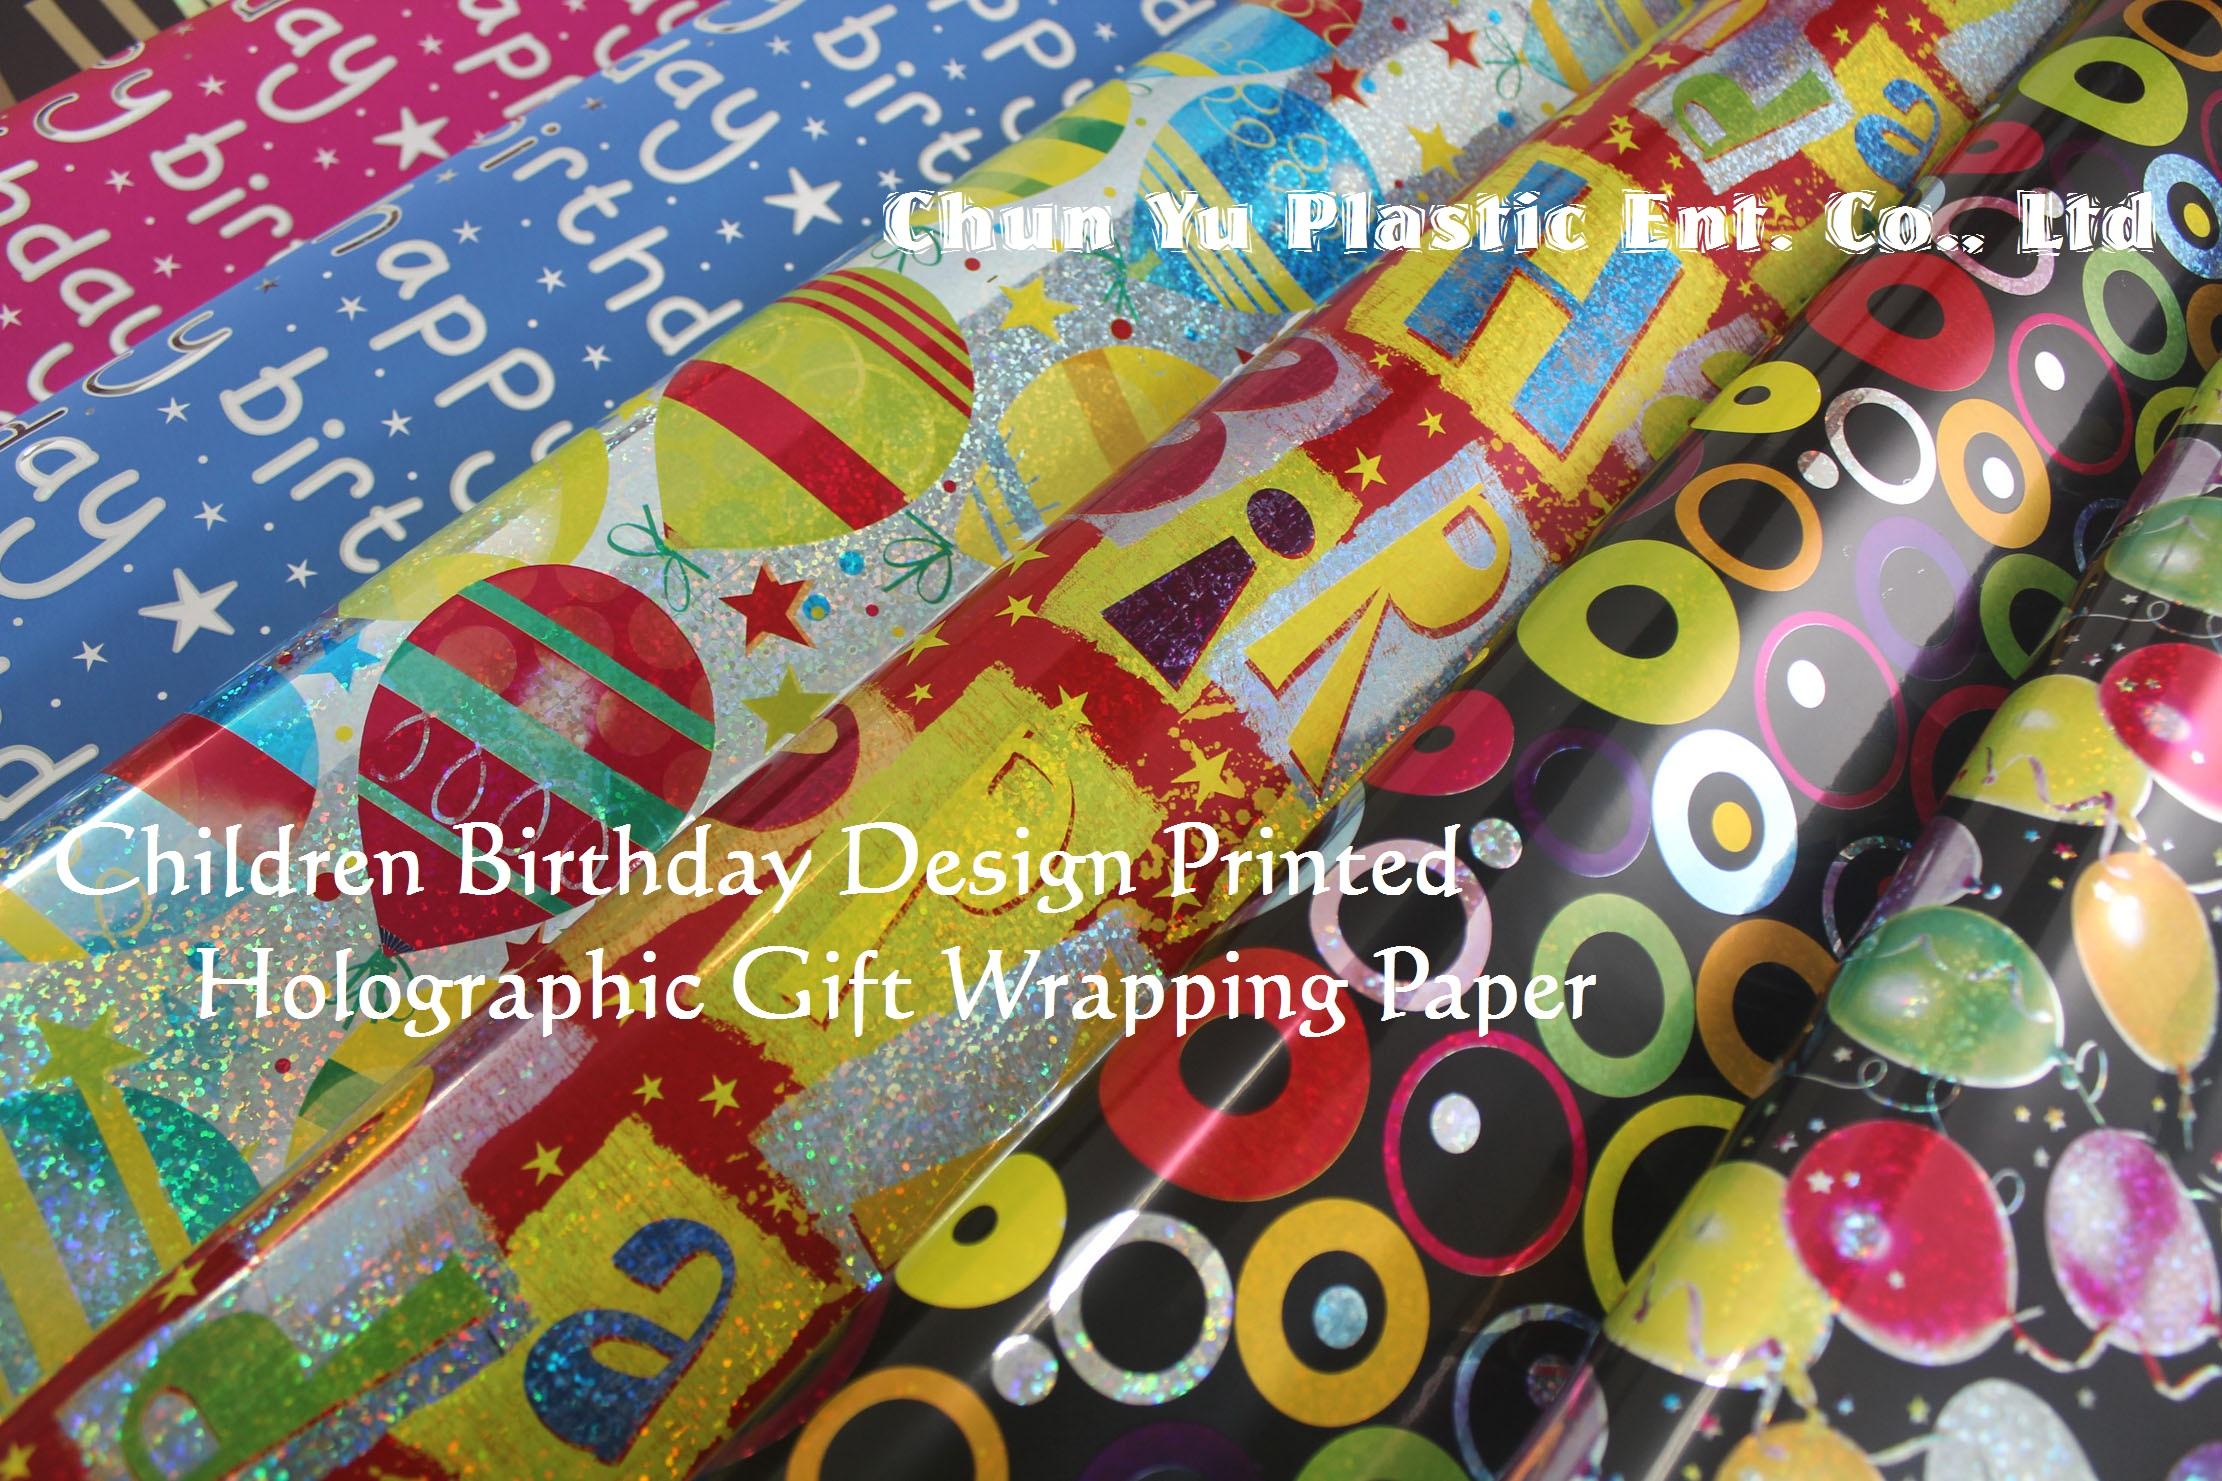 Holografisches Geschenkpapier bedruckt mit Kindermotiven für Geburtstage und Feiern. Unser holografisches Geschenkpapier zum Geburtstag enthält Designs für Mädchen und Jungen.